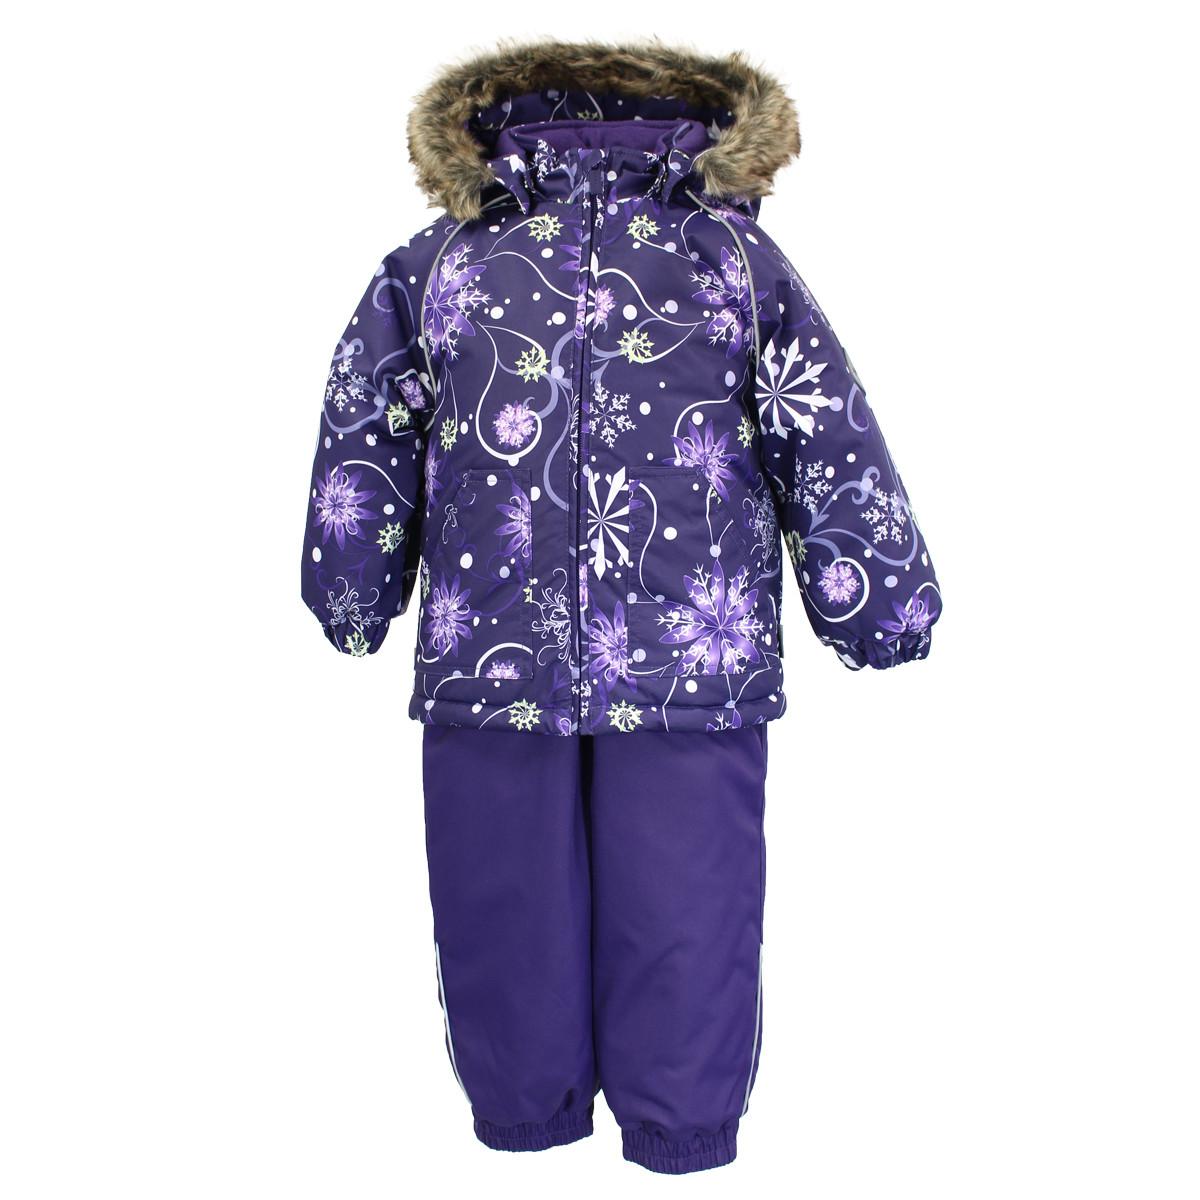 Детский комплект Huppa AVERY, лиловый с принтом/темно-лиловый - 98 - фото 1